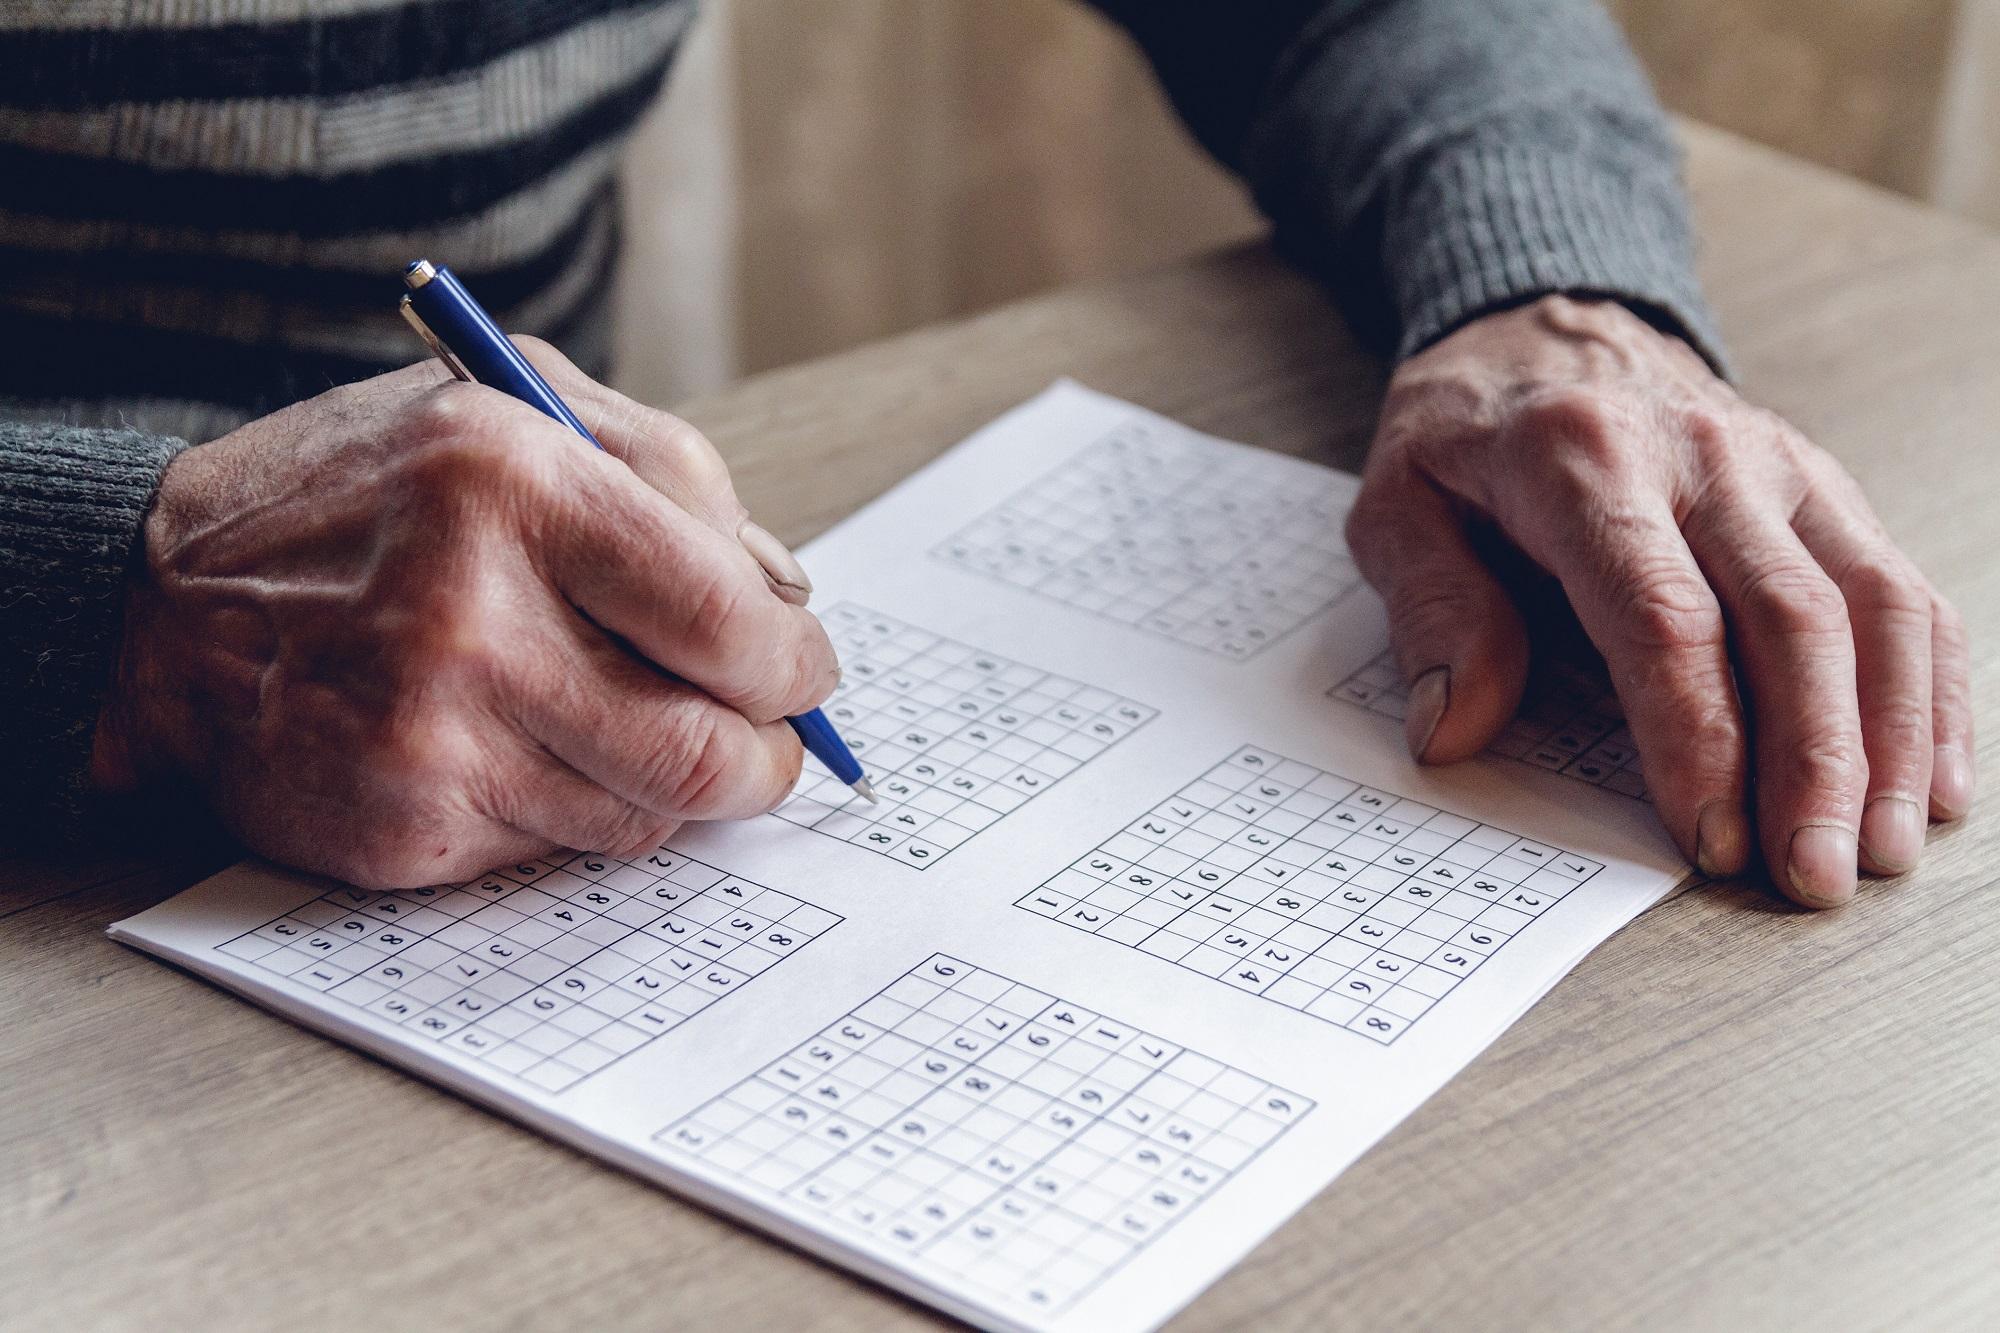 Des jeux pour stimuler la mémoire des personnes âgées